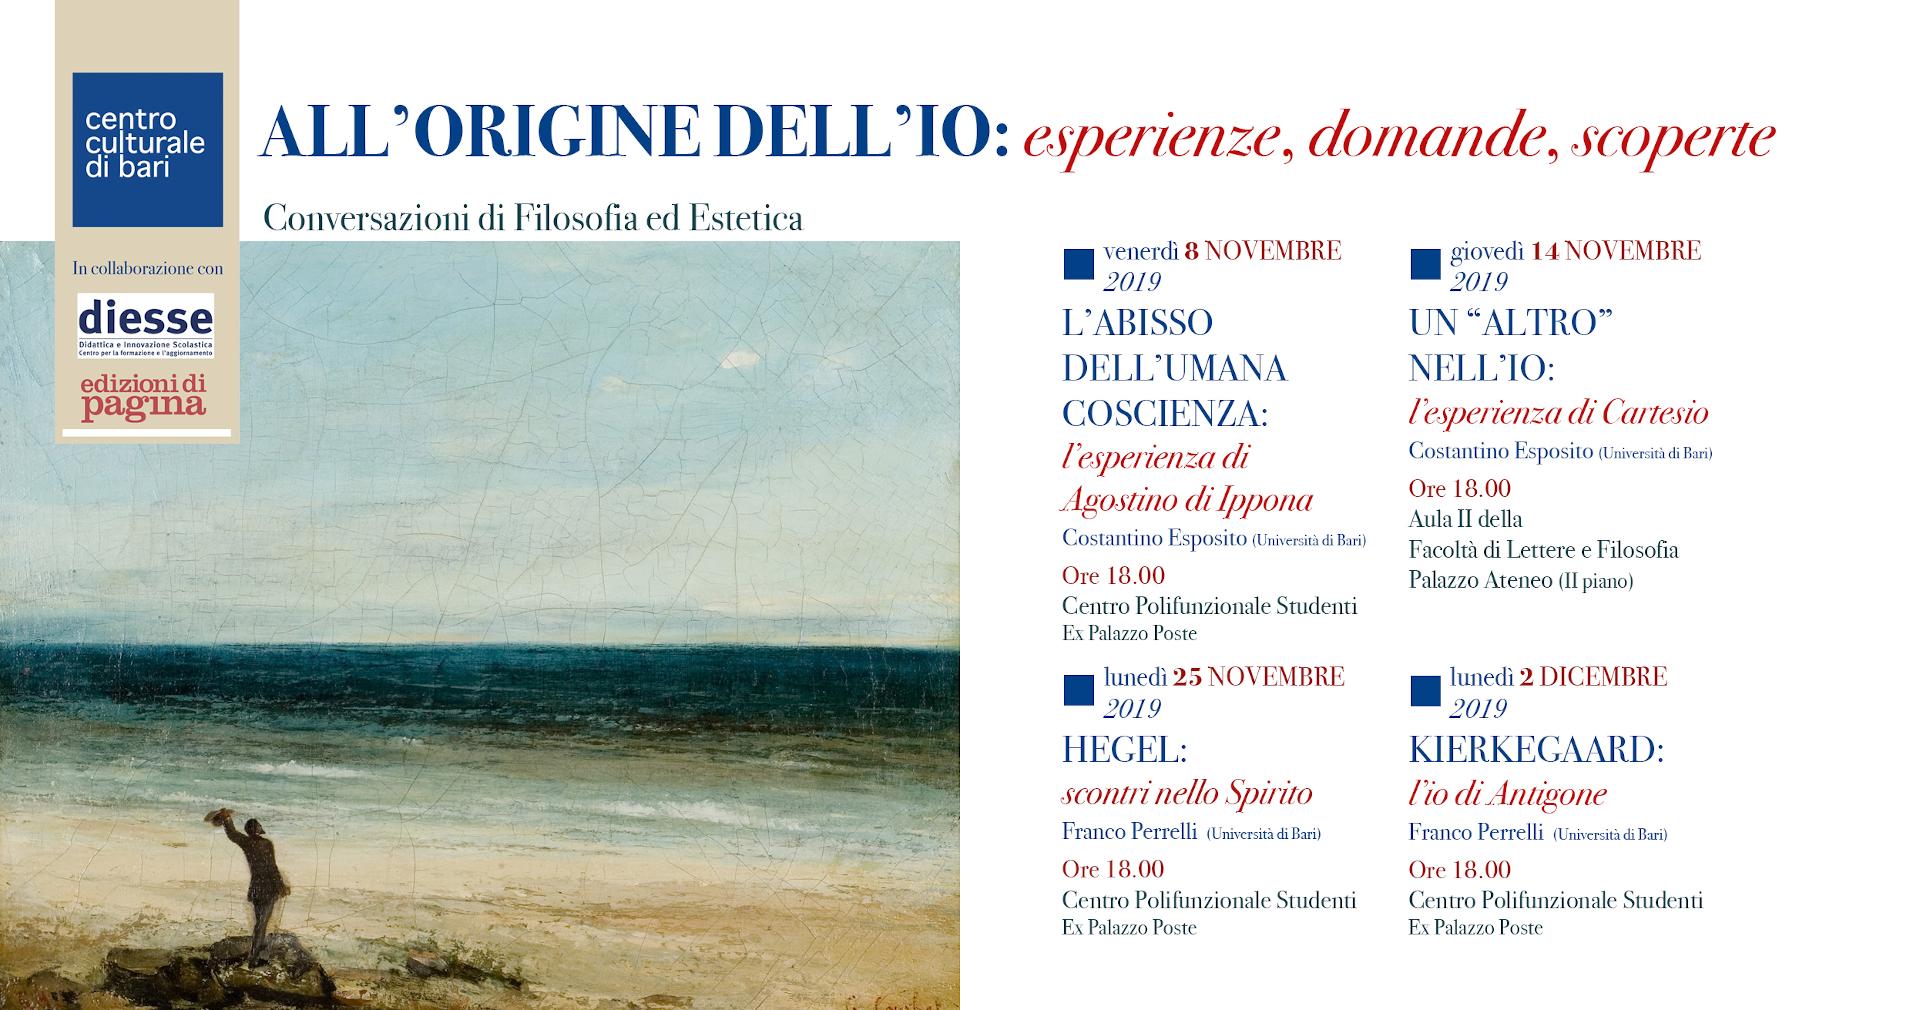 invito ALL'ORIGINE DELL'IO 2019 - Centro Culturale di Bari